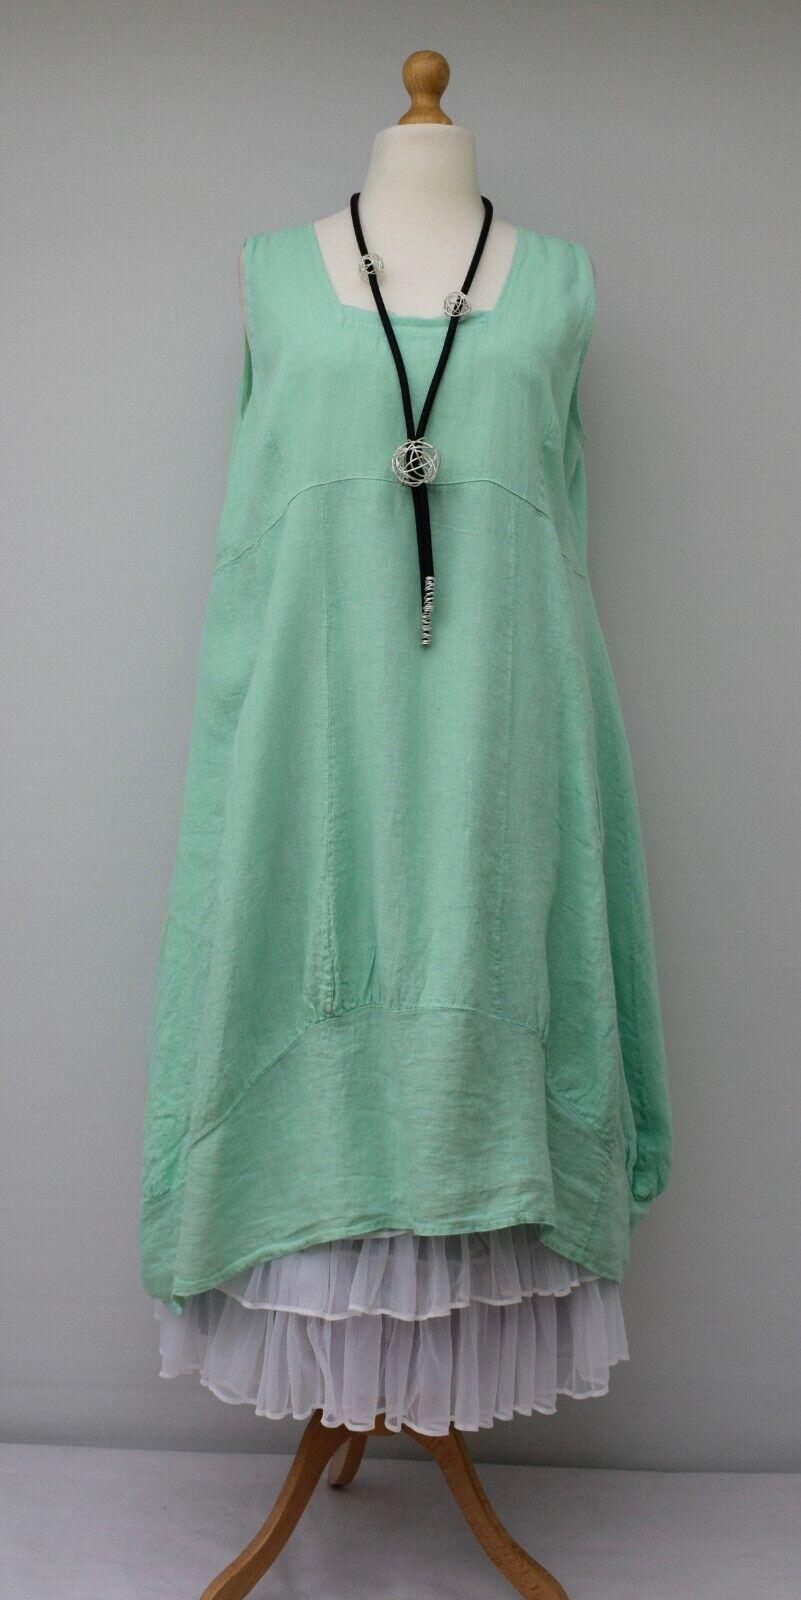 Übergröße Leinen Einfarbig 2 Taschen Langes Kleid Mint XL-XXL 52-54